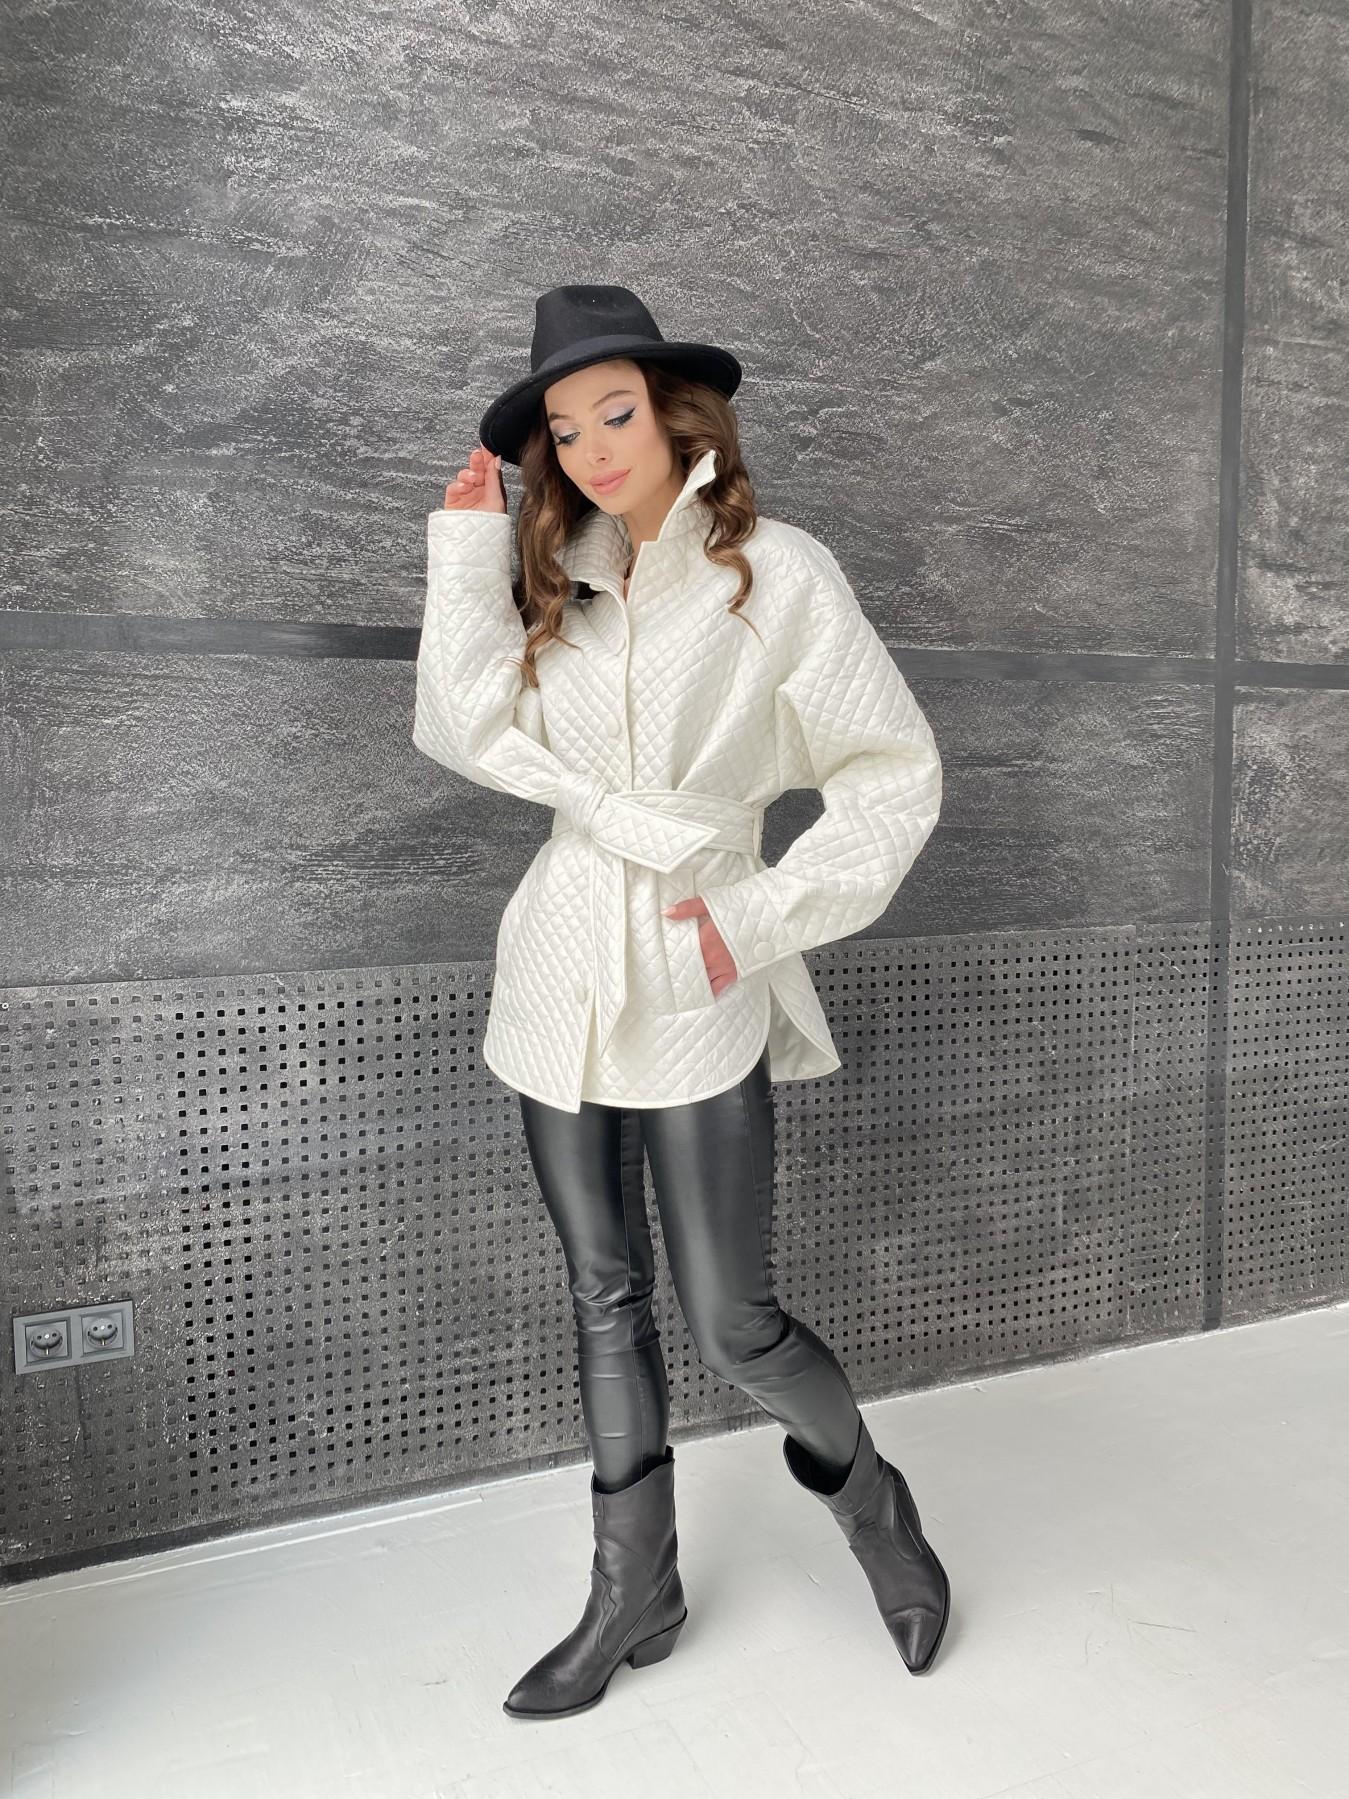 Моно куртка стеганая из  плащевой ткани 11045 АРТ. 47530 Цвет: Молоко - фото 12, интернет магазин tm-modus.ru